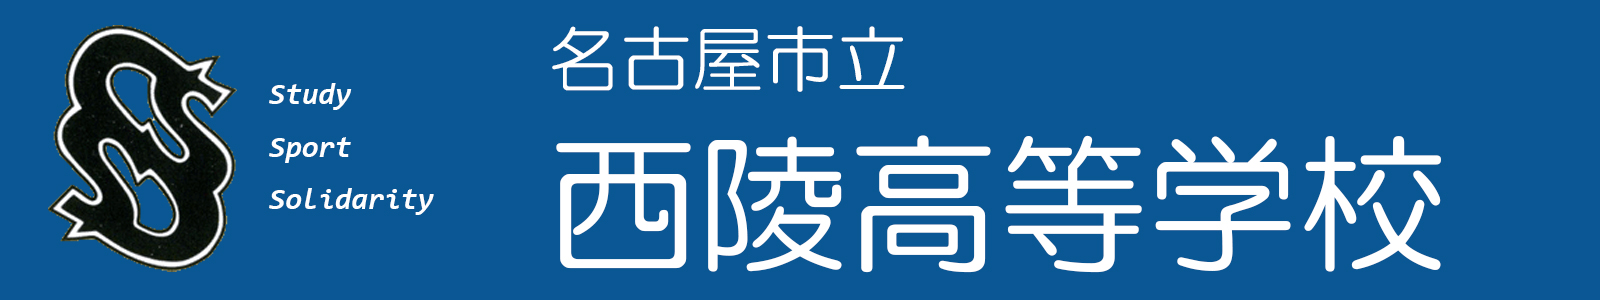 名古屋市立西陵高等学校